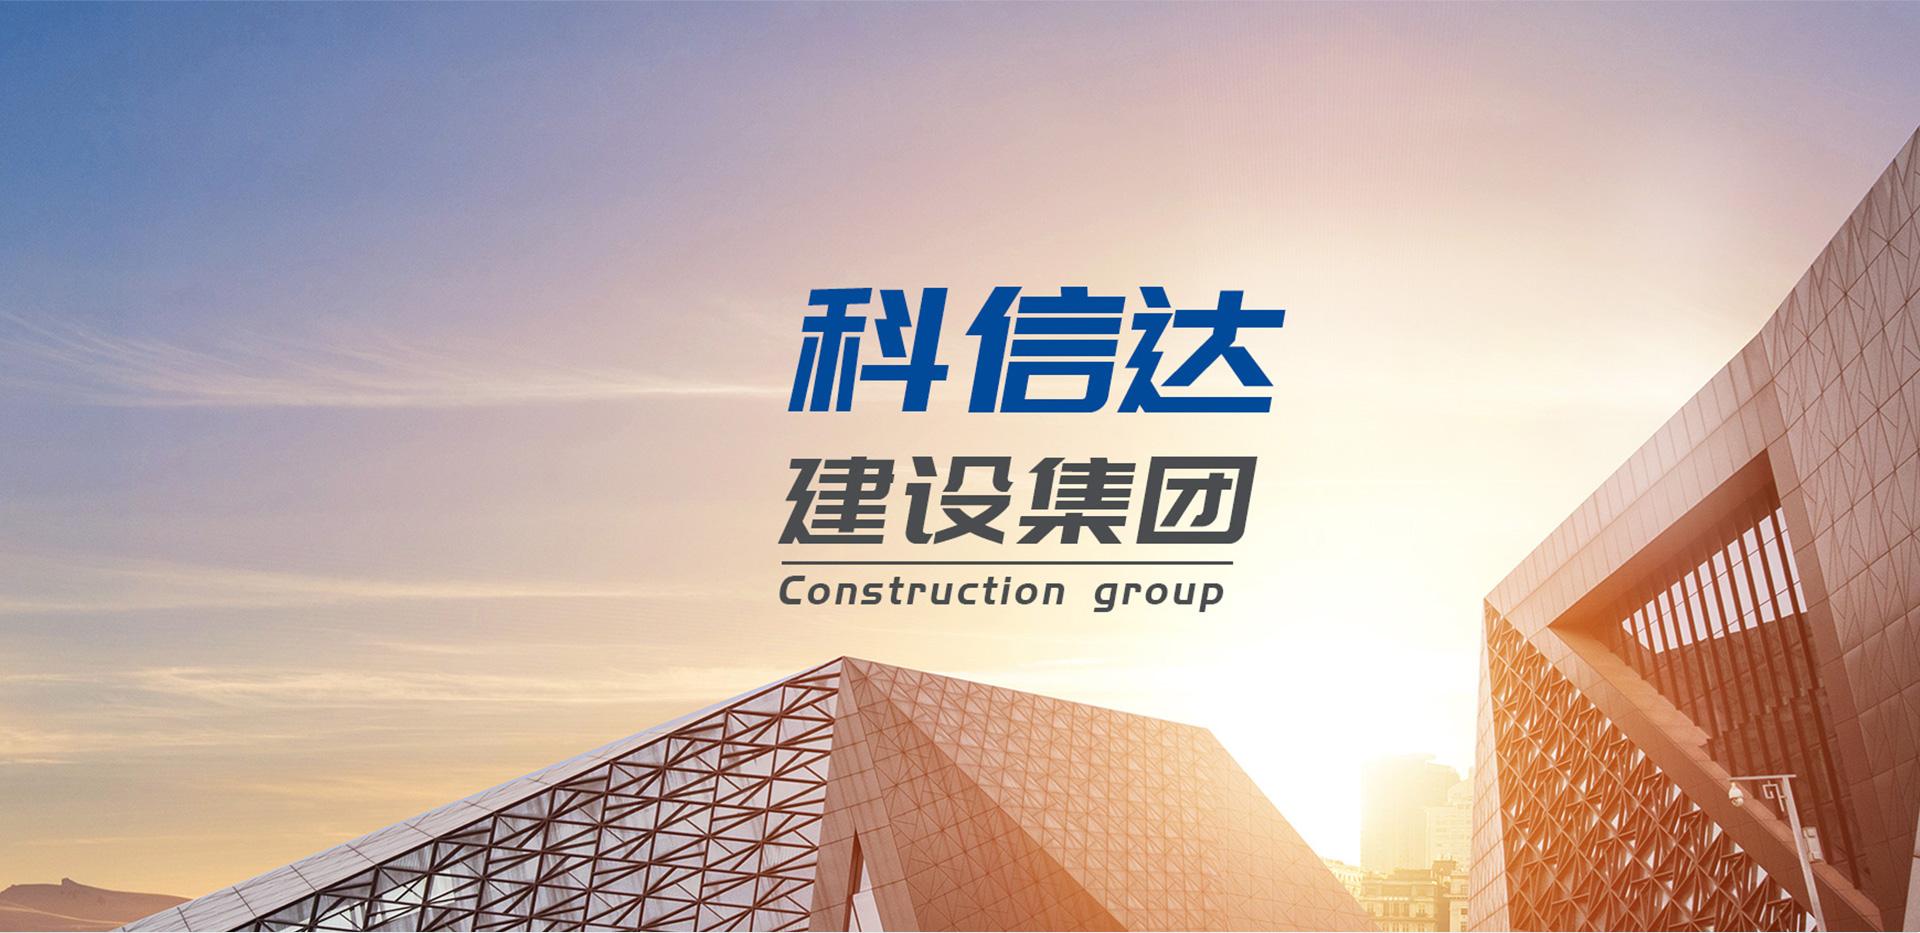 亿博体育平台达建筑集团